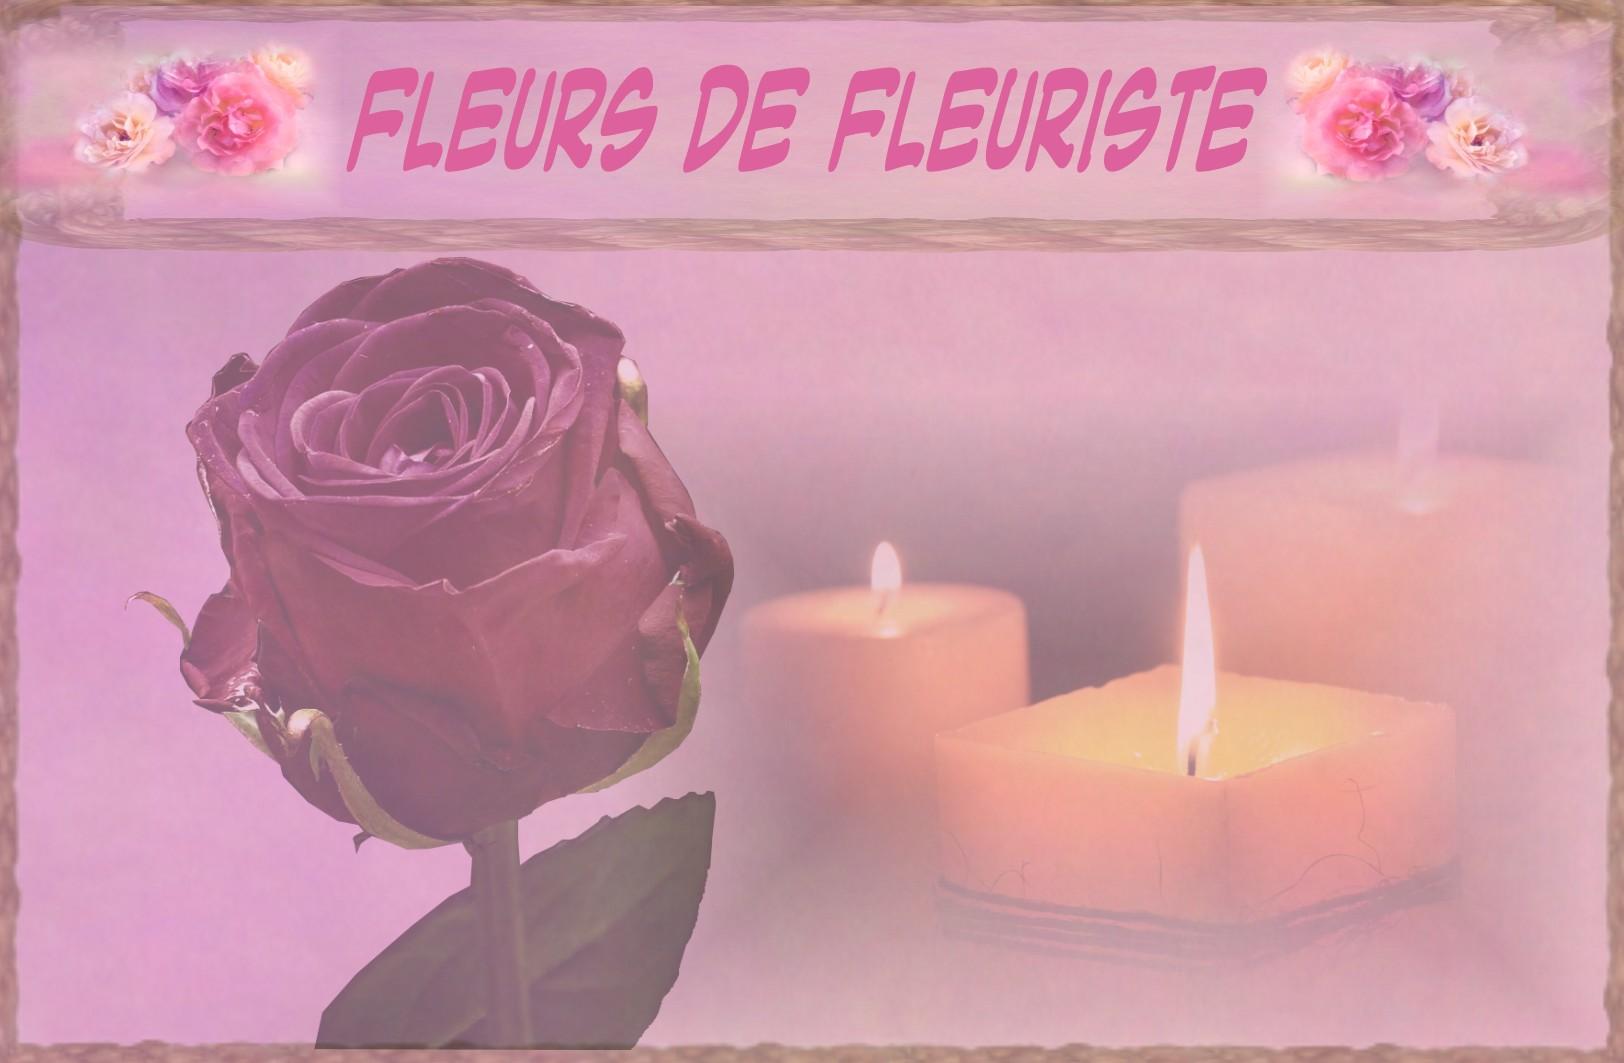 FLEURS DEUIL SAINTE-THÉRENCE 03 - FLEURS OBSÈQUES SAINTE-THÉRENCE 03 - FLEURS ENTERREMENT SAINTE-THÉRENCE 03- ✅FLEURS POUR UN ENTERREMENT A SAINTE-THÉRENCE 03 - ✅LIVRAISON FLEURS POUR OBSÈQUES SAINTE-THÉRENCE 03 - ✅FLEURS POUR CRÉMATION SAINTE-THÉRENCE 03 - ✅LIVRAISON FLEURS DEUIL SAINTE-THÉRENCE 03 - ✅LIVRAISON FLEURS OBSÈQUES SAINTE-THÉRENCE 03 - ✅LIVRAISON FLEURS ENTERREMENT SAINTE-THÉRENCE 03 - ✅LIVRAISON FLEURS DEUIL A L'EGLISE DE SAINTE-THÉRENCE 03 - ✅ENVOYER FLEURS POUR UN DEUIL A SAINTE-THÉRENCE 03 - ✅COMMENT FAIRE LIVRER DES FLEURS DEUIL A SAINTE-THÉRENCE 03 - ✅ ENVOI FLEURS ENTERREMENT SAINTE-THÉRENCE 03 - ✅ FAIRE LIVRER FLEURS DEUIL AU CIMETIÈRE SAINTE-THÉRENCE 03 - ✅ FLEURS DEUIL EGLISE SAINTE-THÉRENCE 03 - ✅ ENVOI FLEURS CIMETIÈRE A SAINTE-THÉRENCE 03 - ✅LIVRAISON DE FLEURS POUR UN DEUIL A SAINTE-THÉRENCE 03 - ✅ENVOI FLEURS DEUIL SAINTE-THÉRENCE 03 - ✅ENVOI FLEURS OBSÈQUES SAINTE-THÉRENCE 03 - ✅ENVOYER FLEURS DEUIL SAINTE-THÉRENCE 03 - ✅FAIRE LIVRER FLEURS POUR UN DEUIL A SAINTE-THÉRENCE 03 - ✅FLEURS ENTERREMENT SAINTE-THÉRENCE 03.